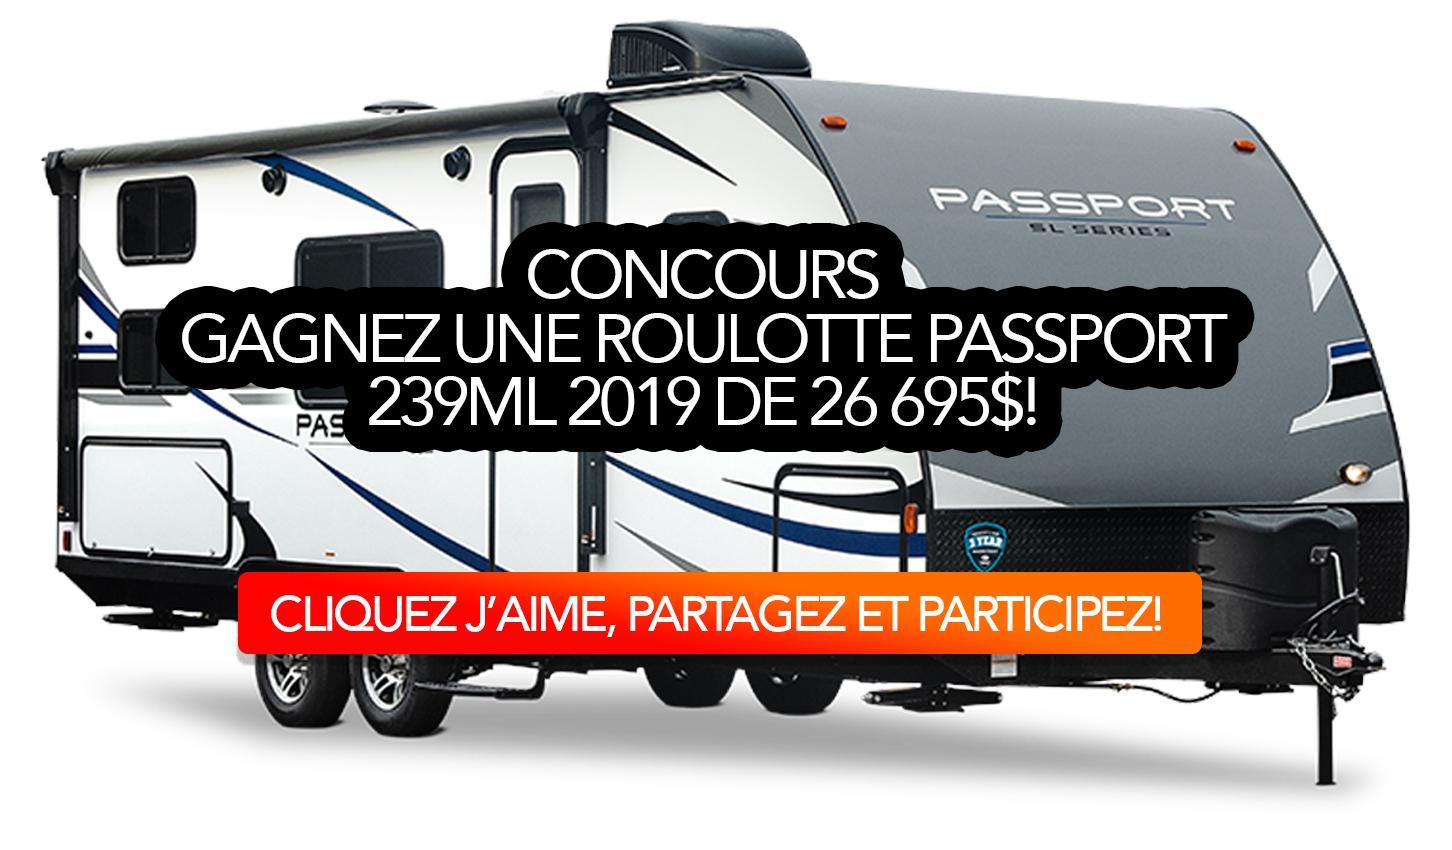 Concours: Gagnez une roulotte Passport 239ML 2019 de 26 695$!